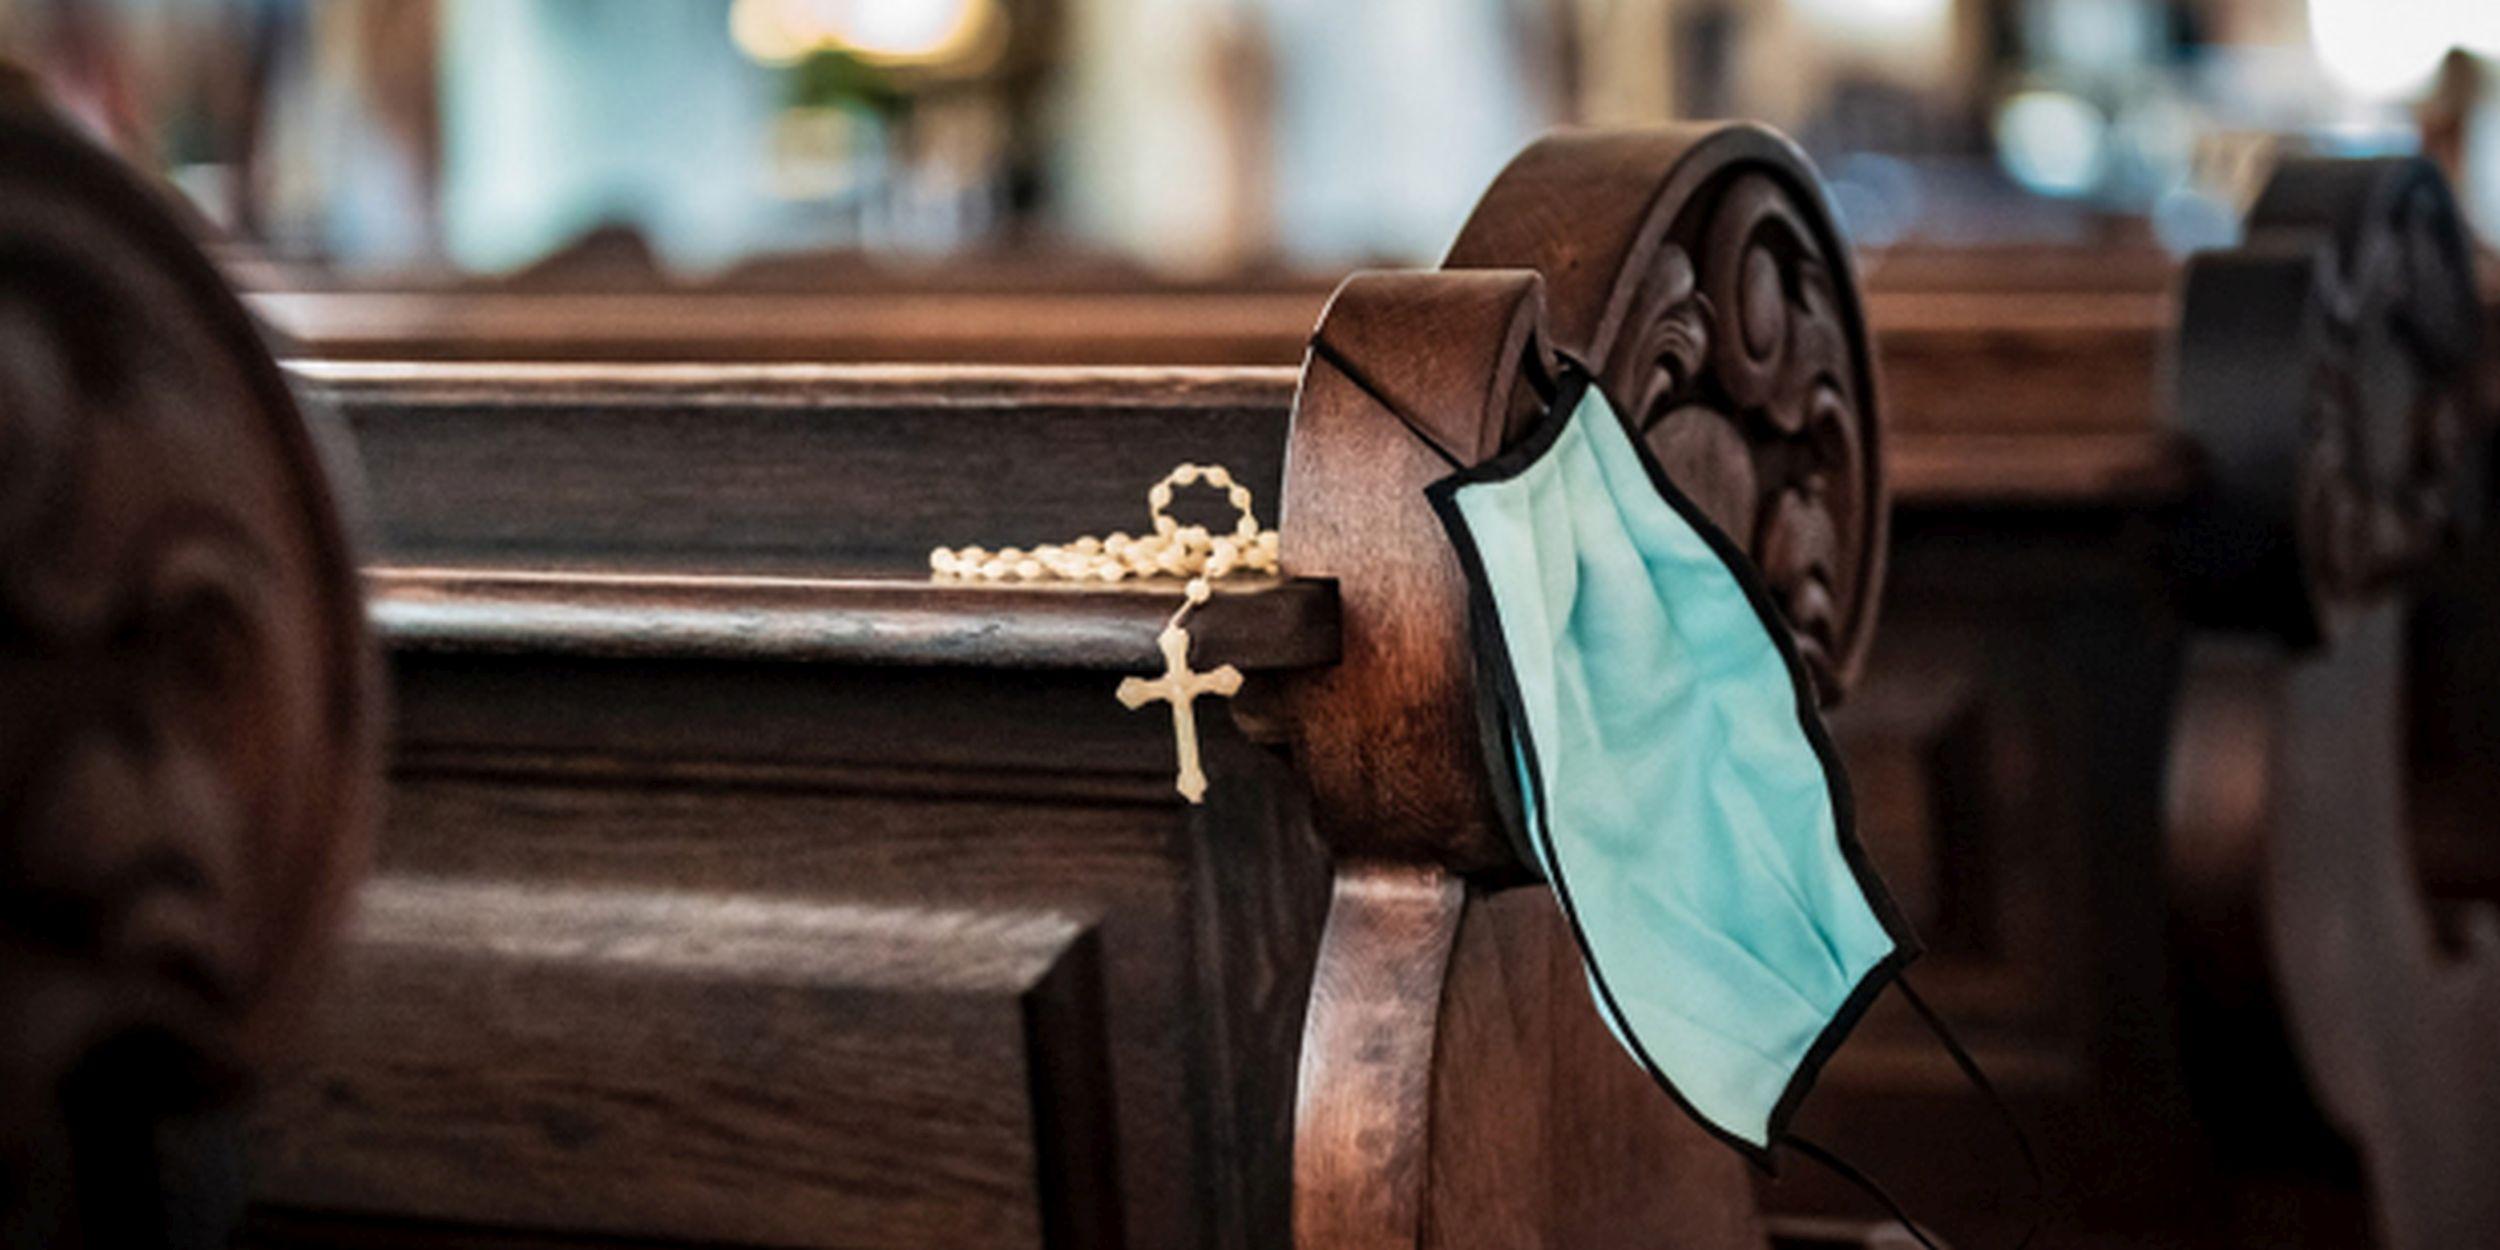 Obostrzenia sanitarne w kościołach. Są sygnały o ich lekceważeniu przez księży - Zdjęcie główne